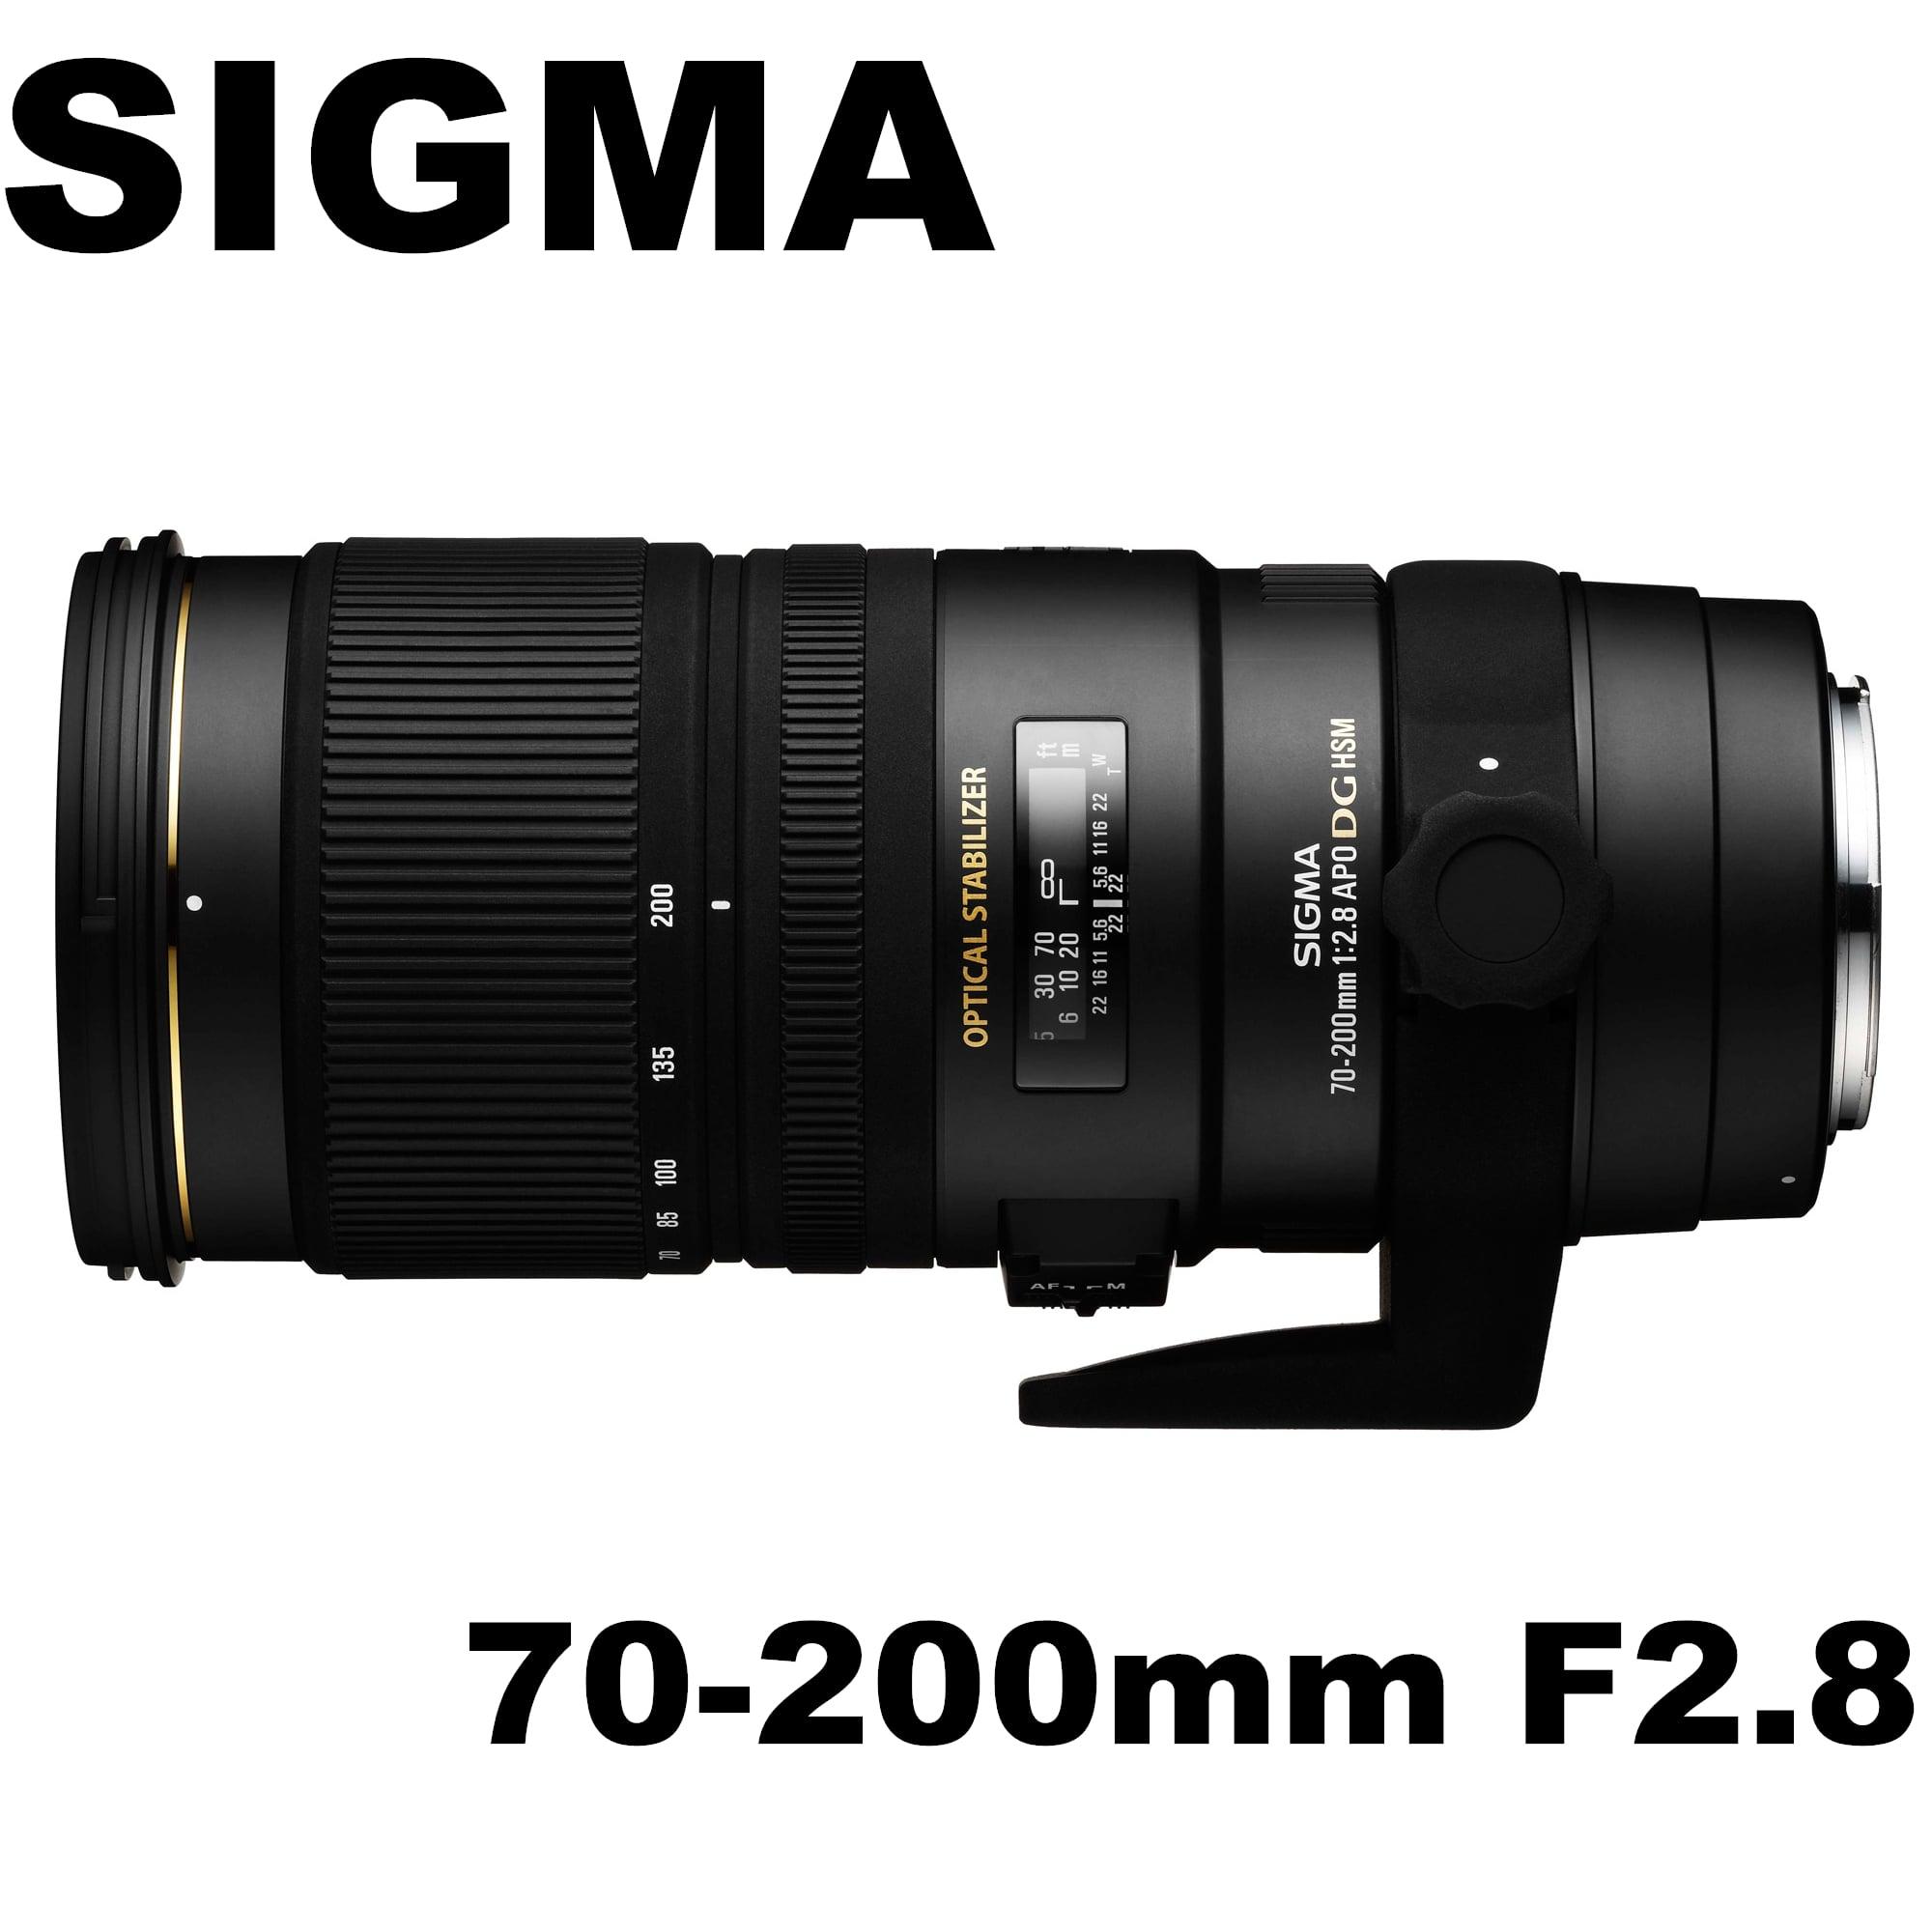 SIGMA 70-200mm F2.8 APO DG HSM OS Canon 接環 公司貨 3年保固